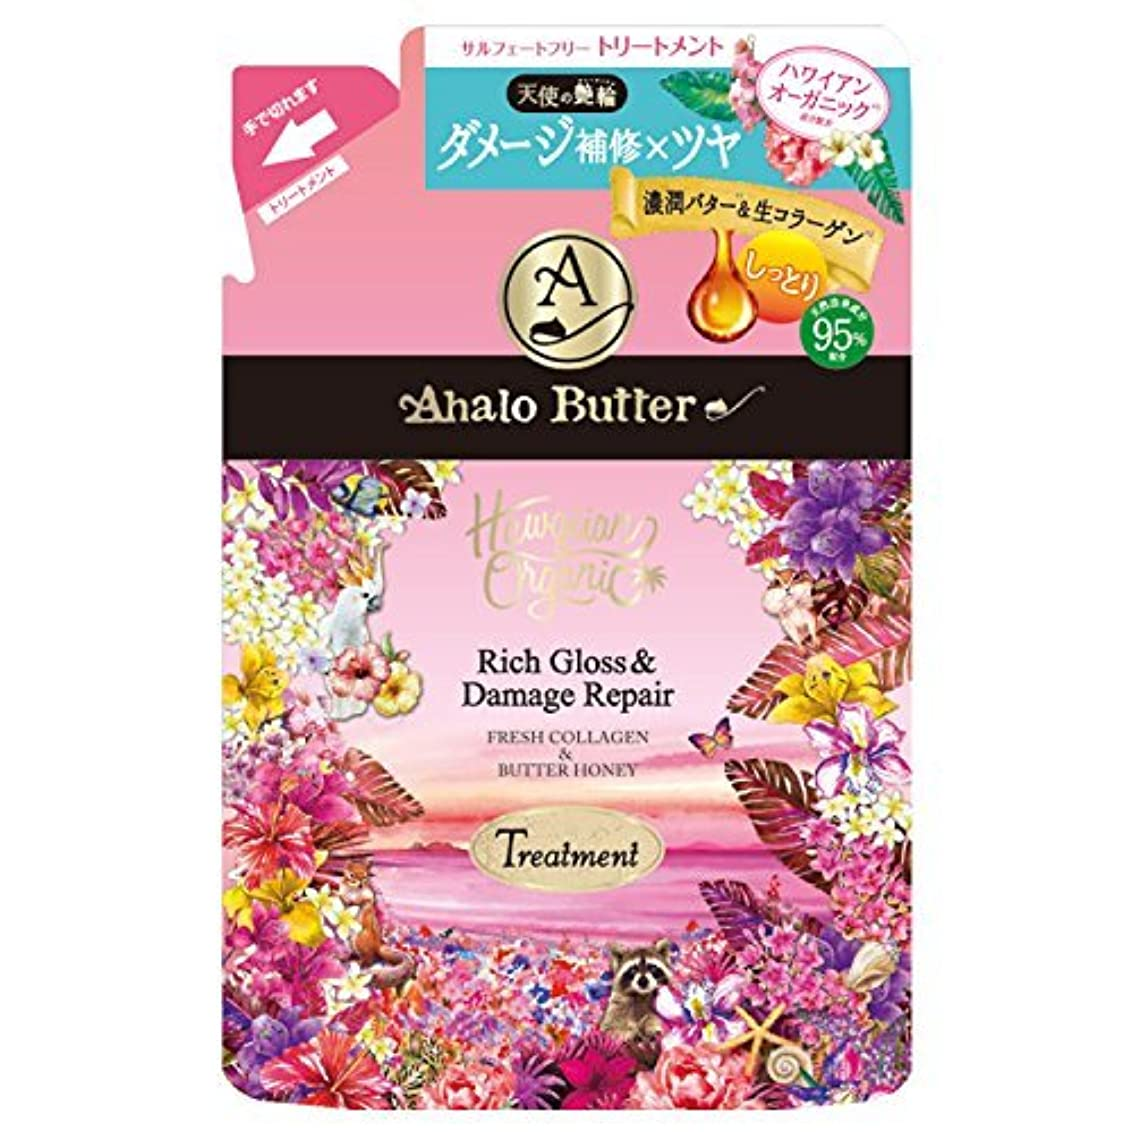 反射前提オーケストラAhalo butter(アハロバター) ハワイアンオーガニック リッチグロス&ダメージリペアトリートメント / 詰め替え / 400ml